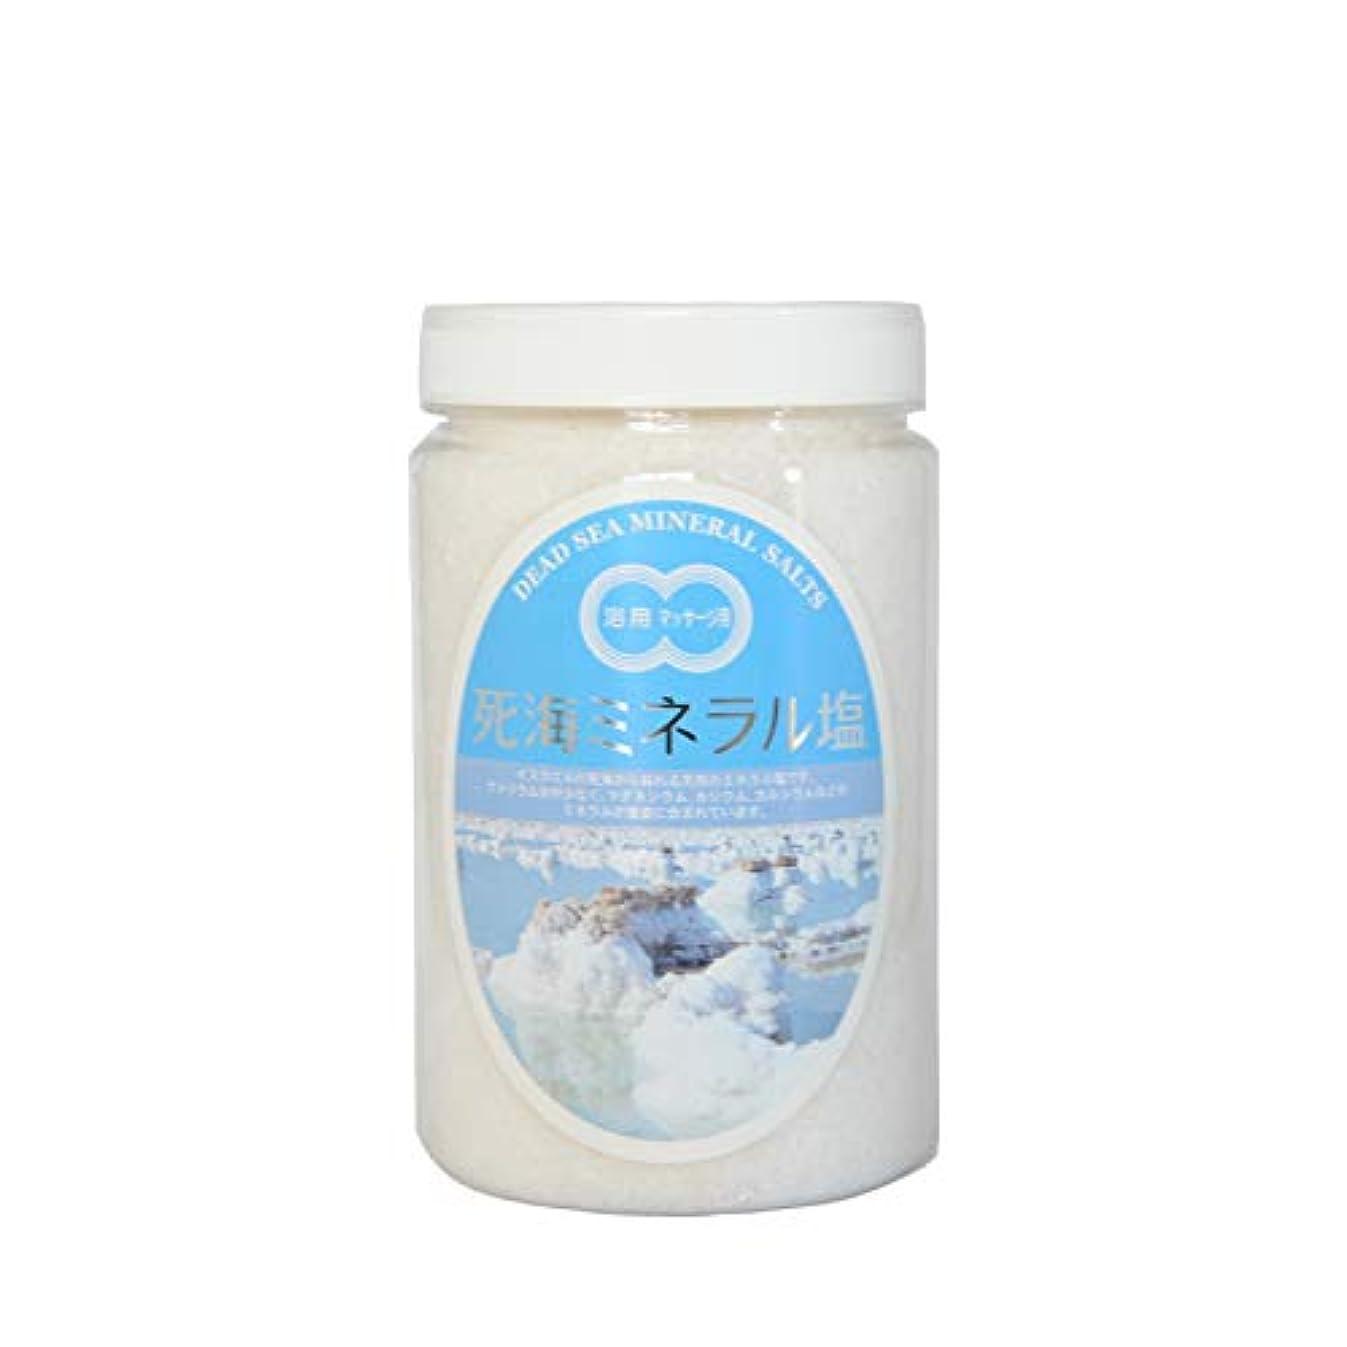 会員水星バター死海ミネラル塩1kgボトル